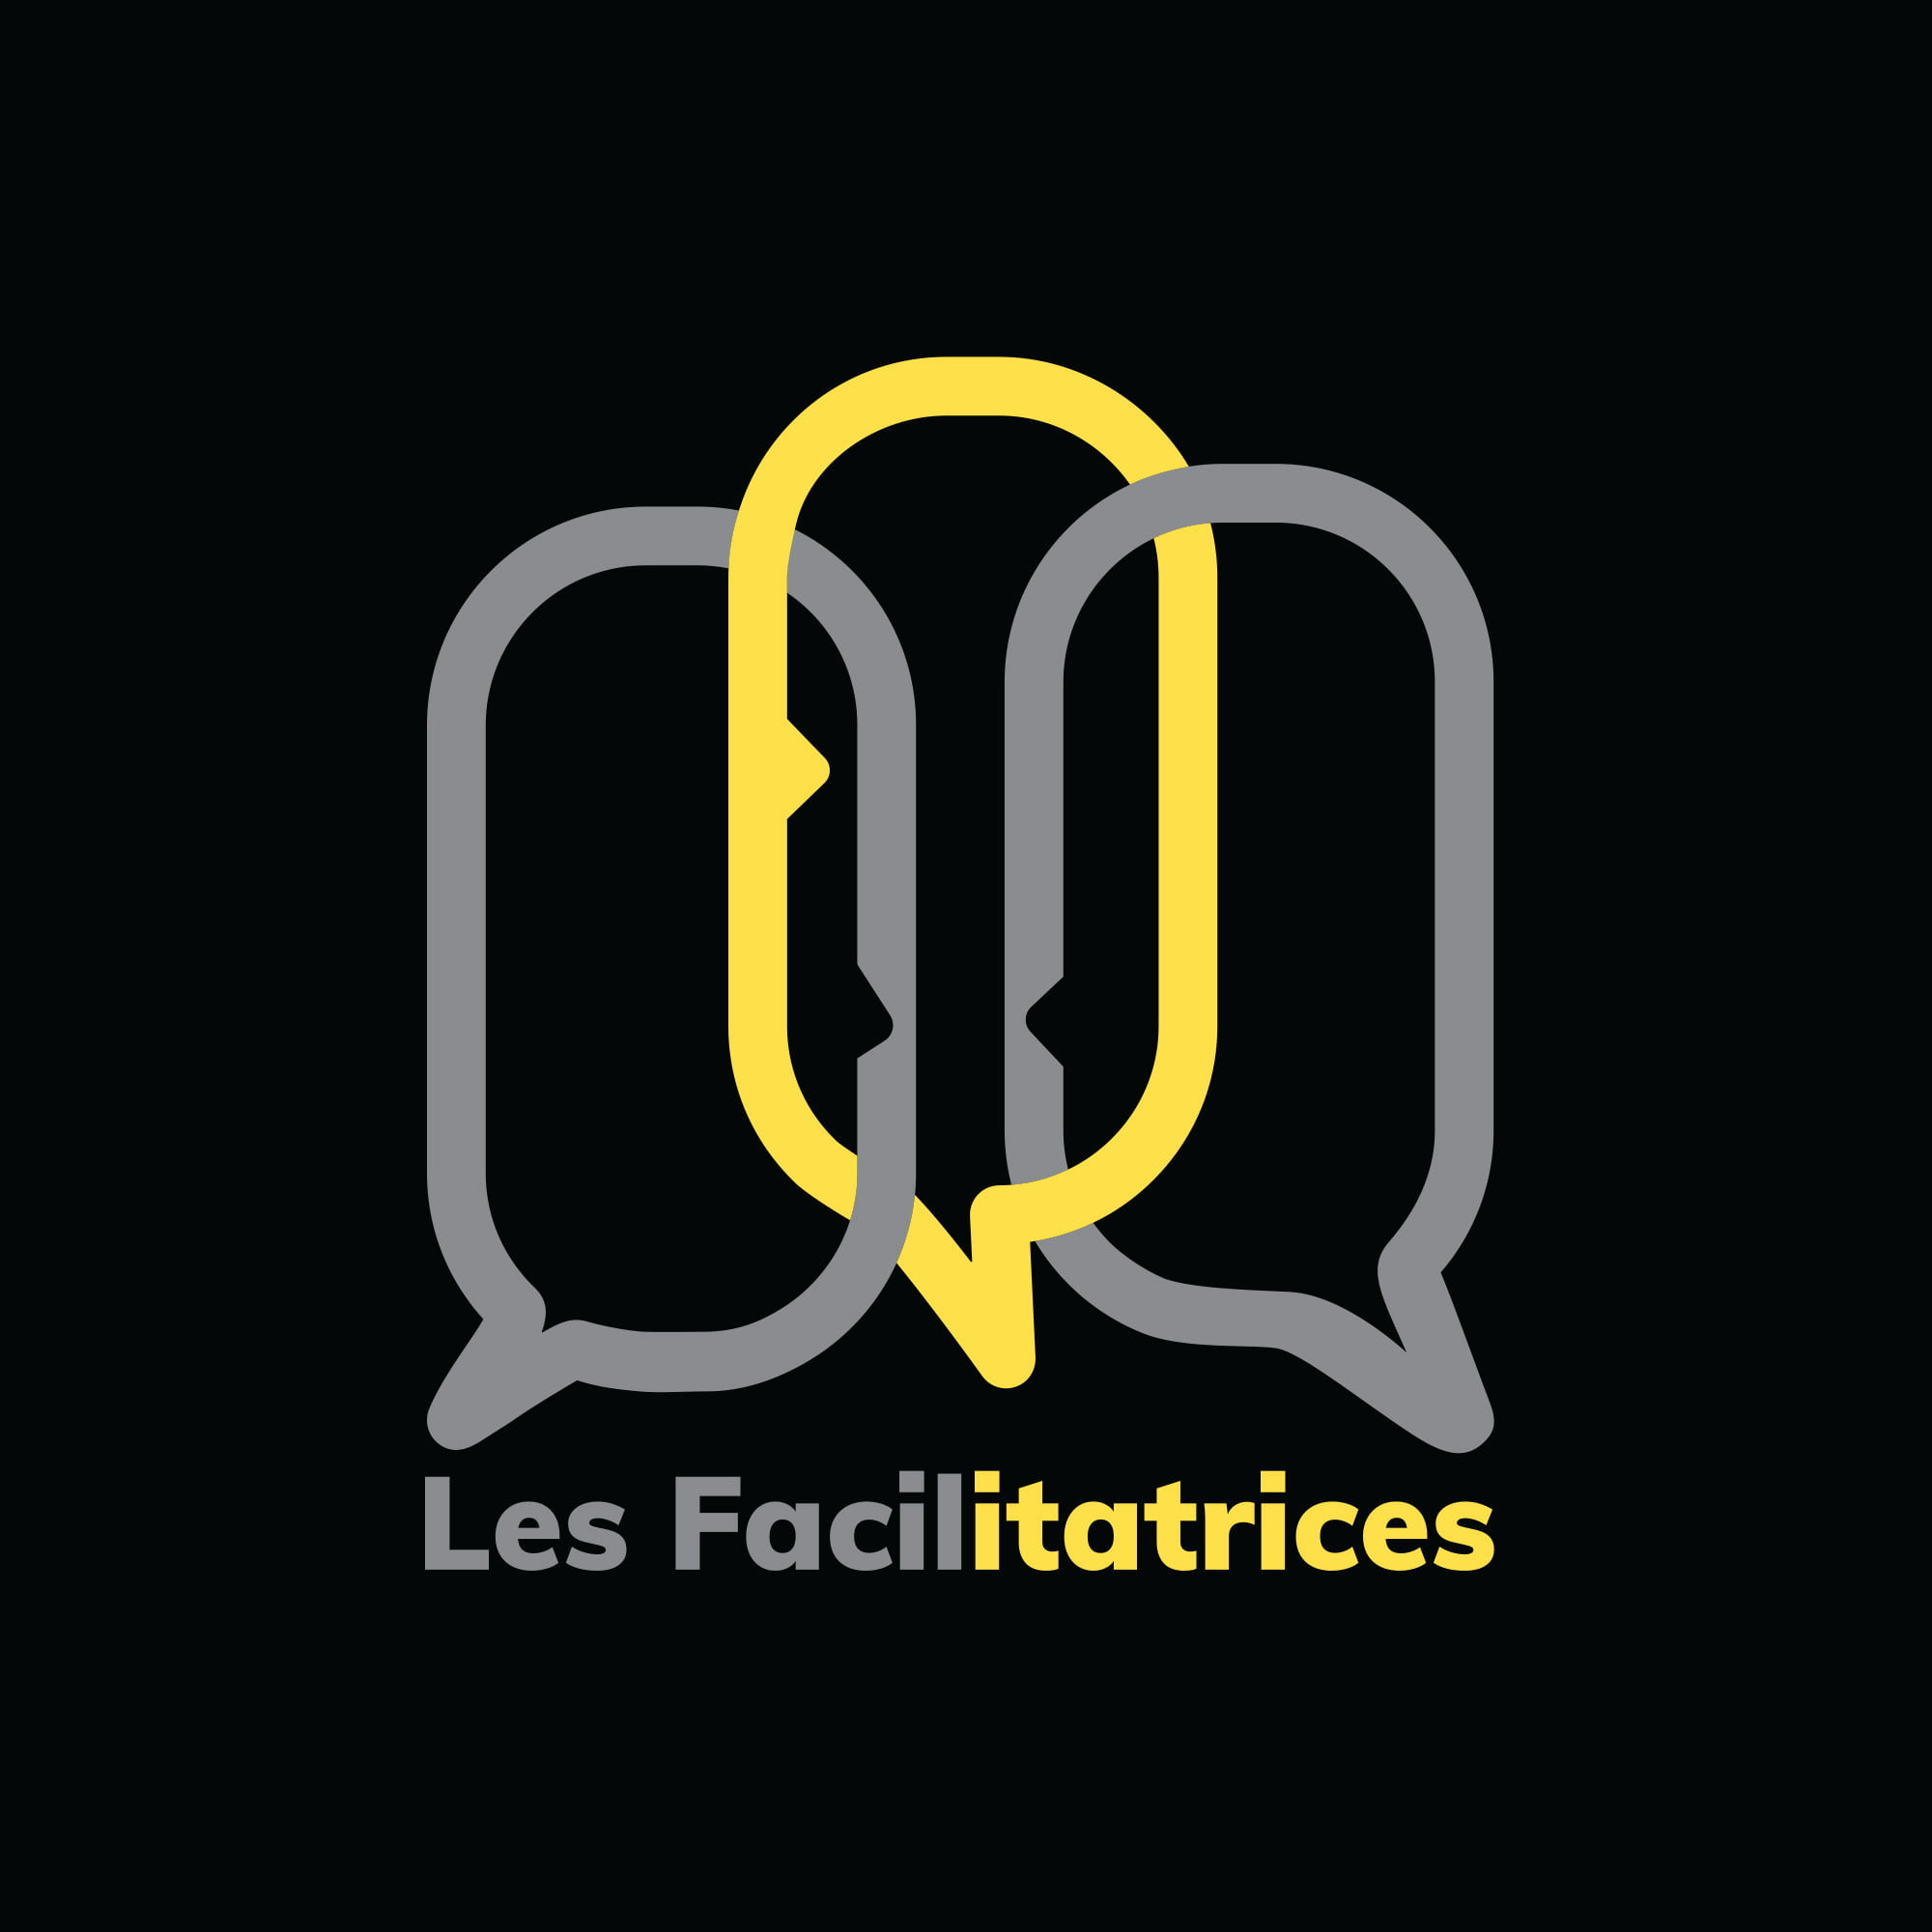 Les Facilitatrices logo sur fond noir